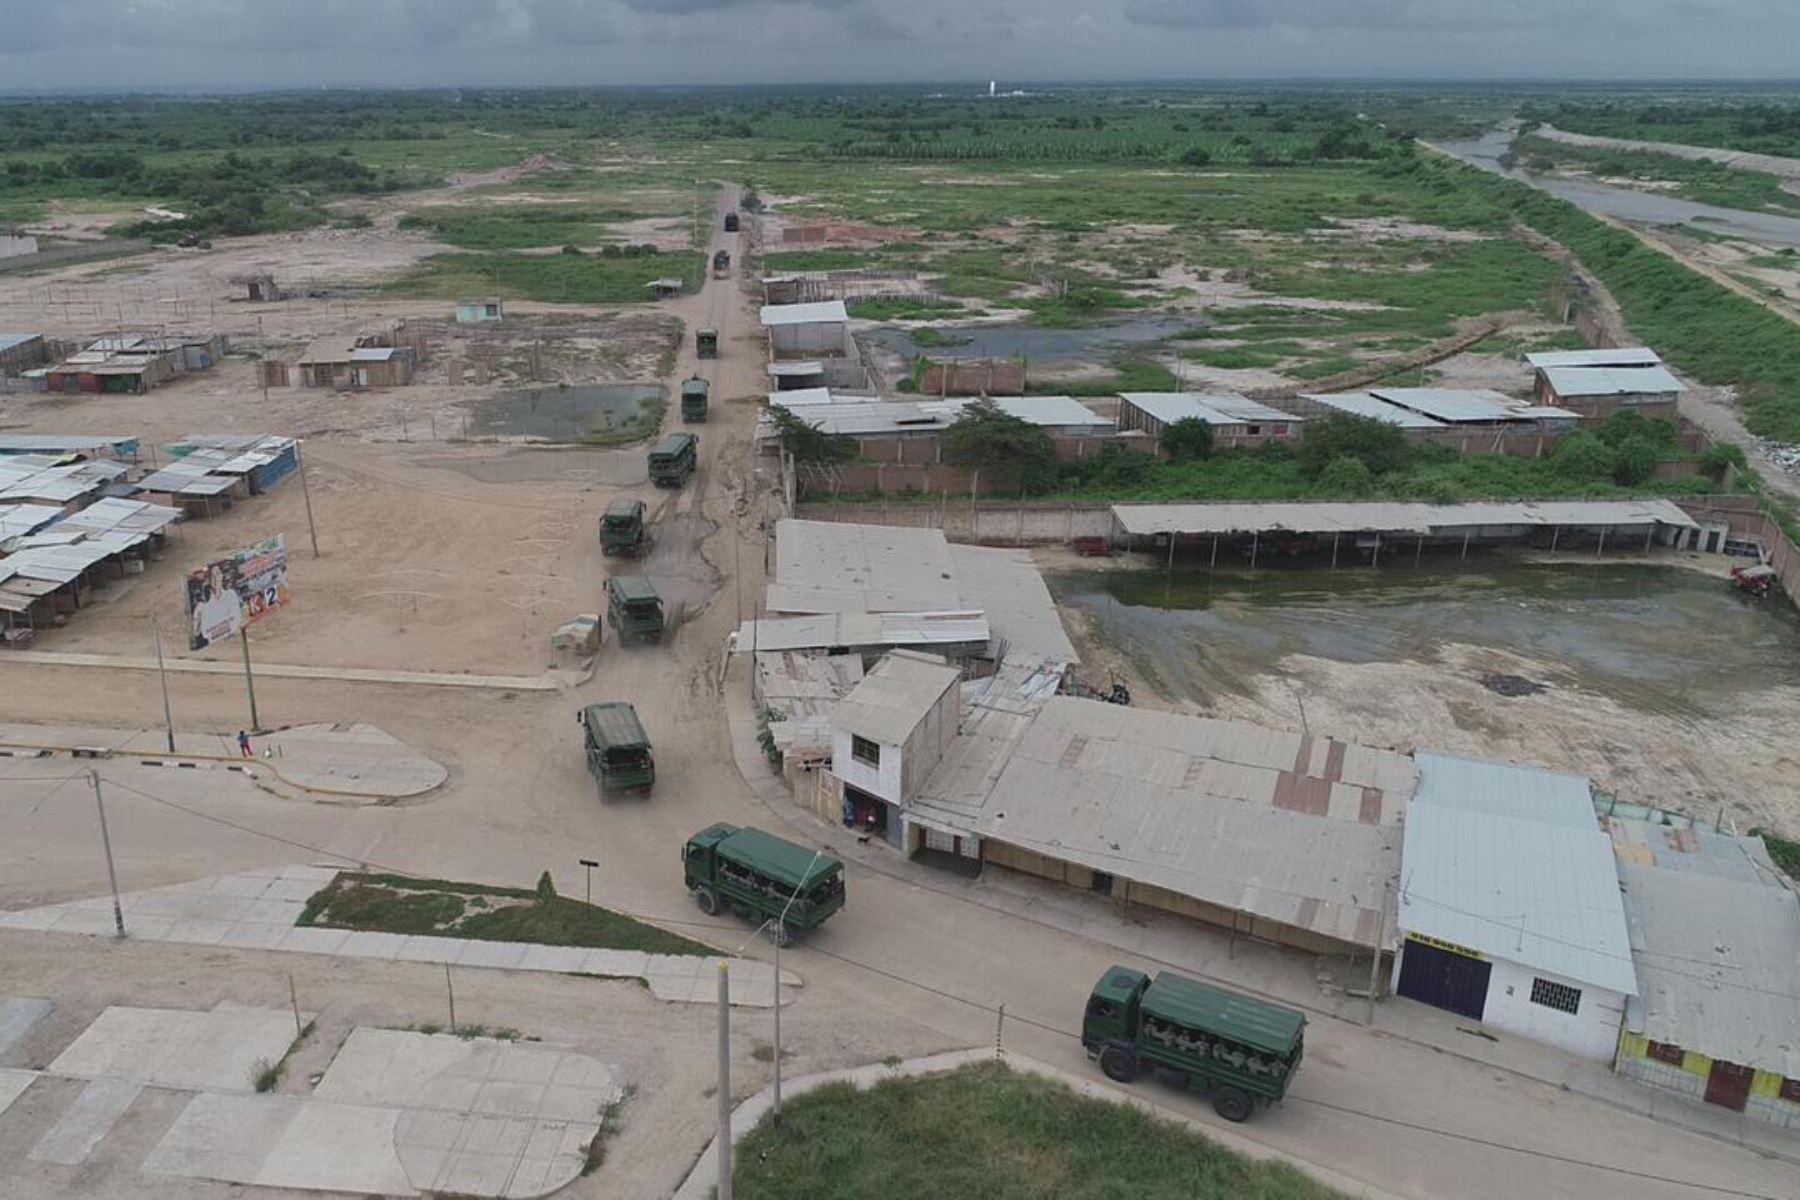 Tanques y efectivos de la 1ª brigada de Infantería, se desplazan para el reforzamiento del control de fronteras del norte del país, para evitar ingresos ilegales de personas contagiadas con el Covid-19.Foto:ANDINA/Mindef